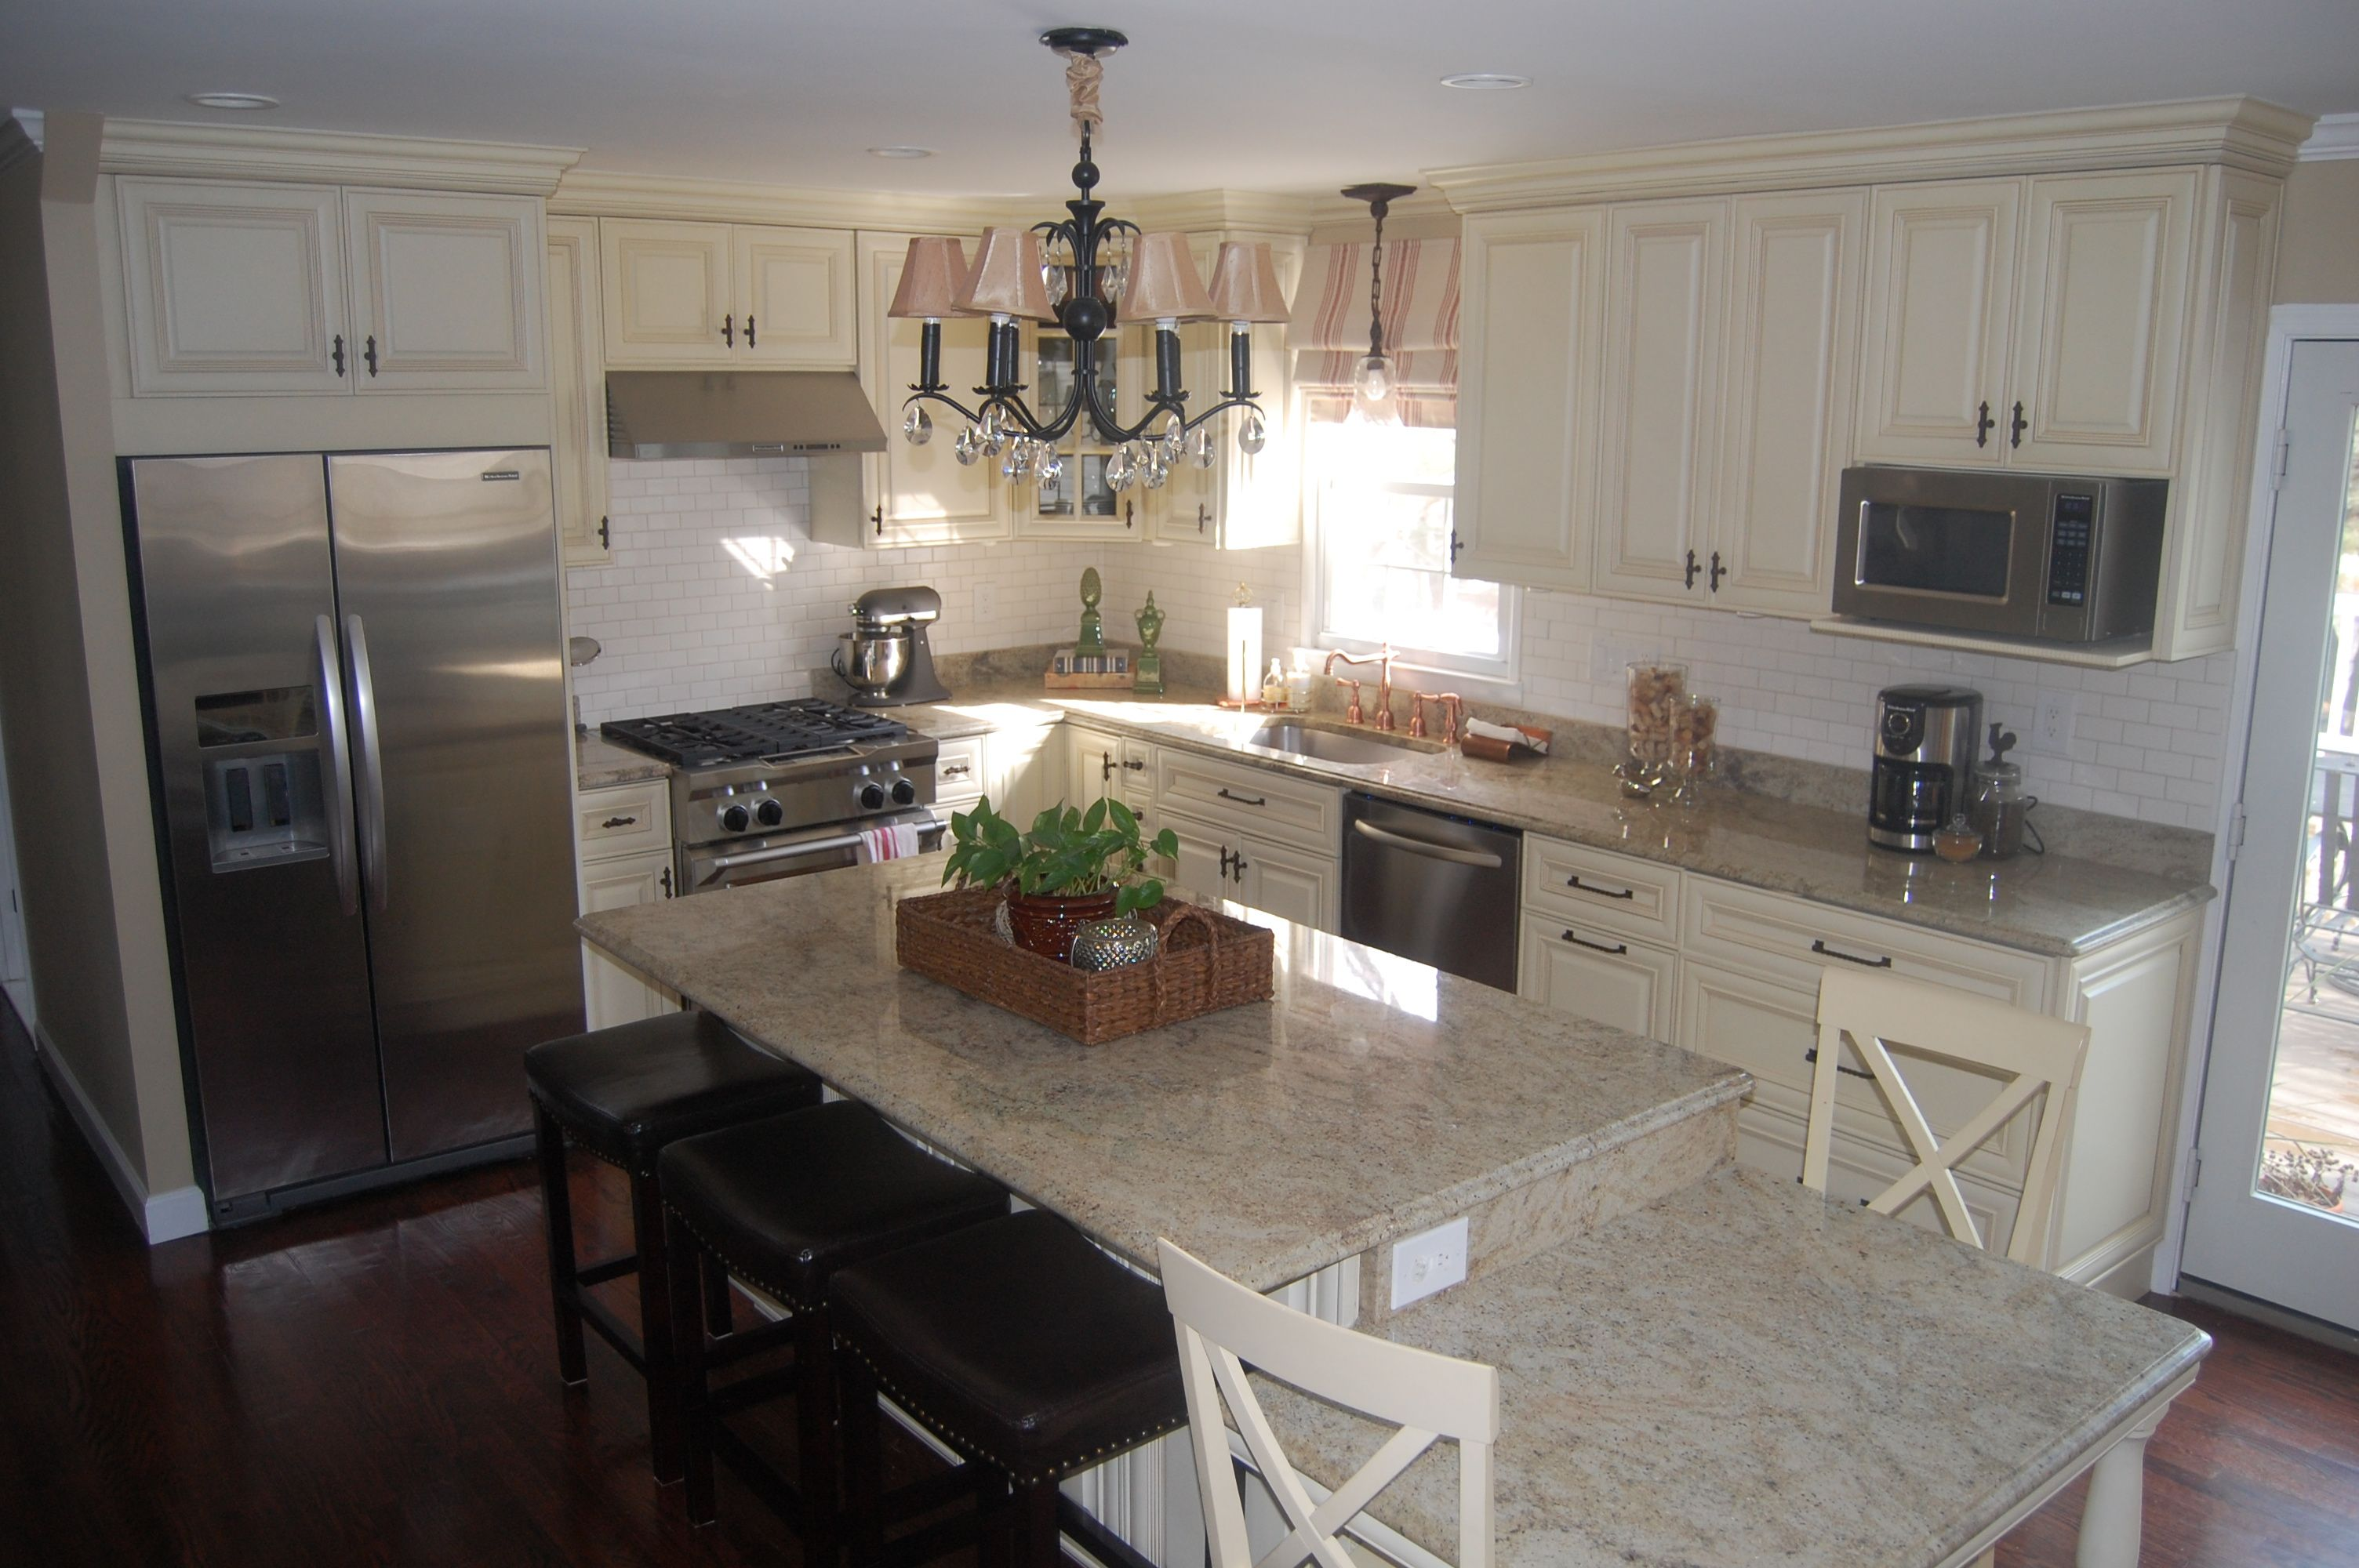 Elonahome Com Home Design And Inspiration Kitchen Island With Seating Kitchen Island Design Kitchen Island Table